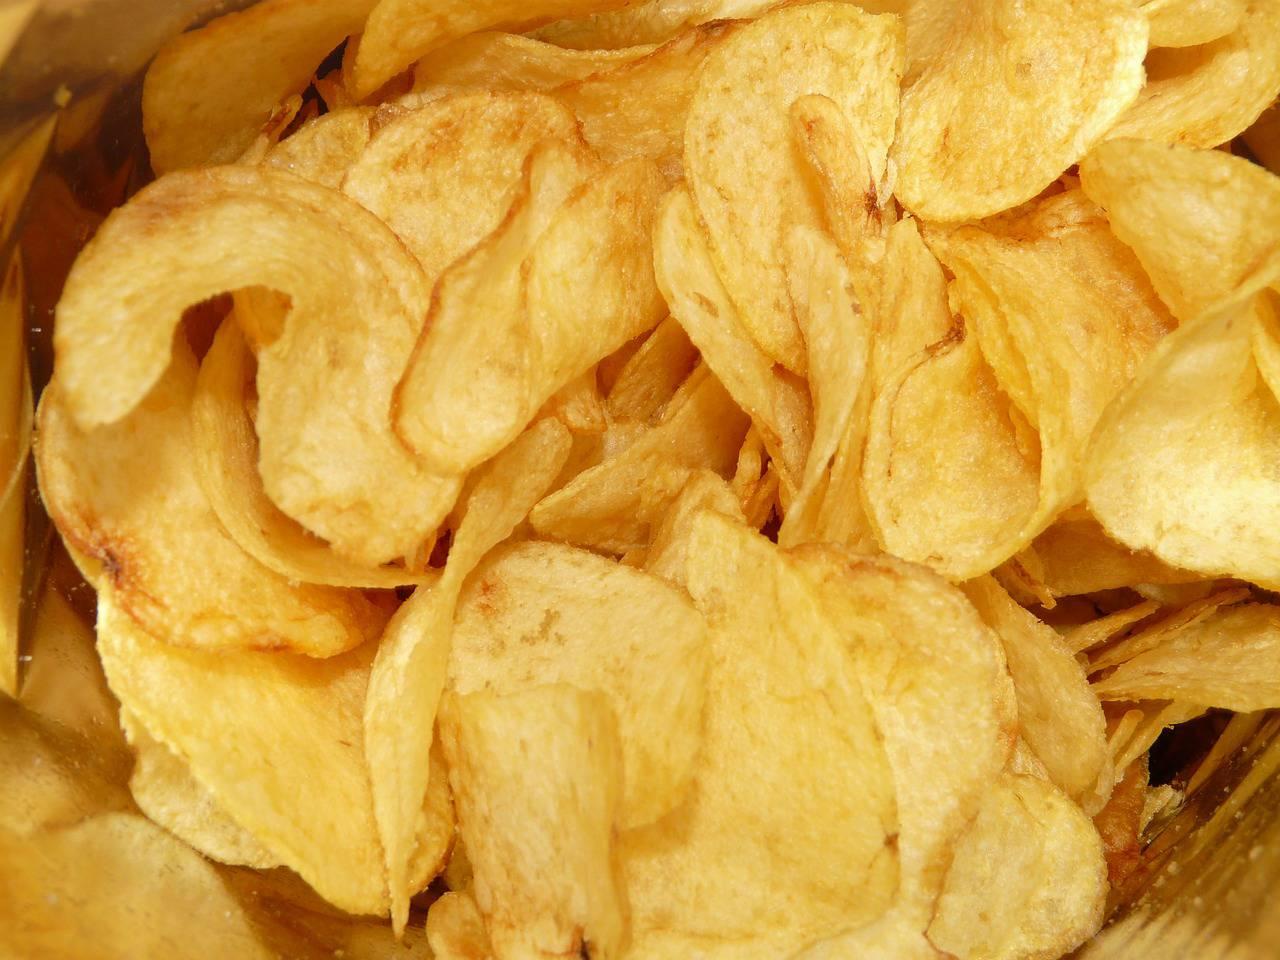 Valori anomali: sotto accusa alcune marche di patatine